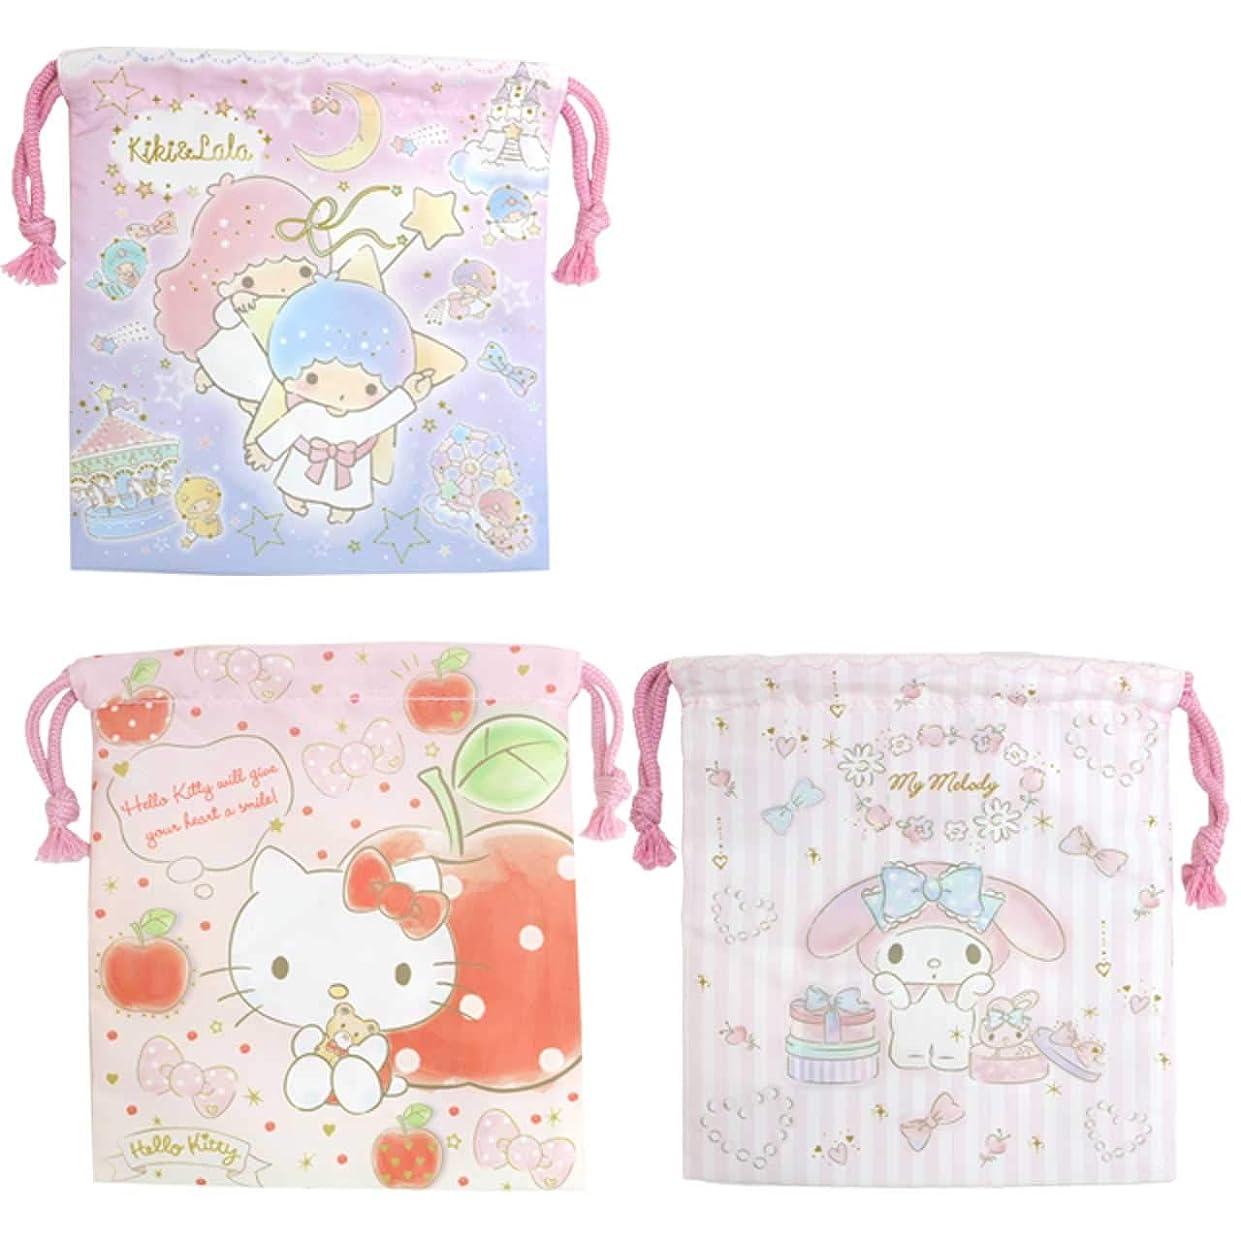 静かに注文王女巾着袋 給食袋 3枚セット 入学準備 キャラクター コップ袋 Sサイズ